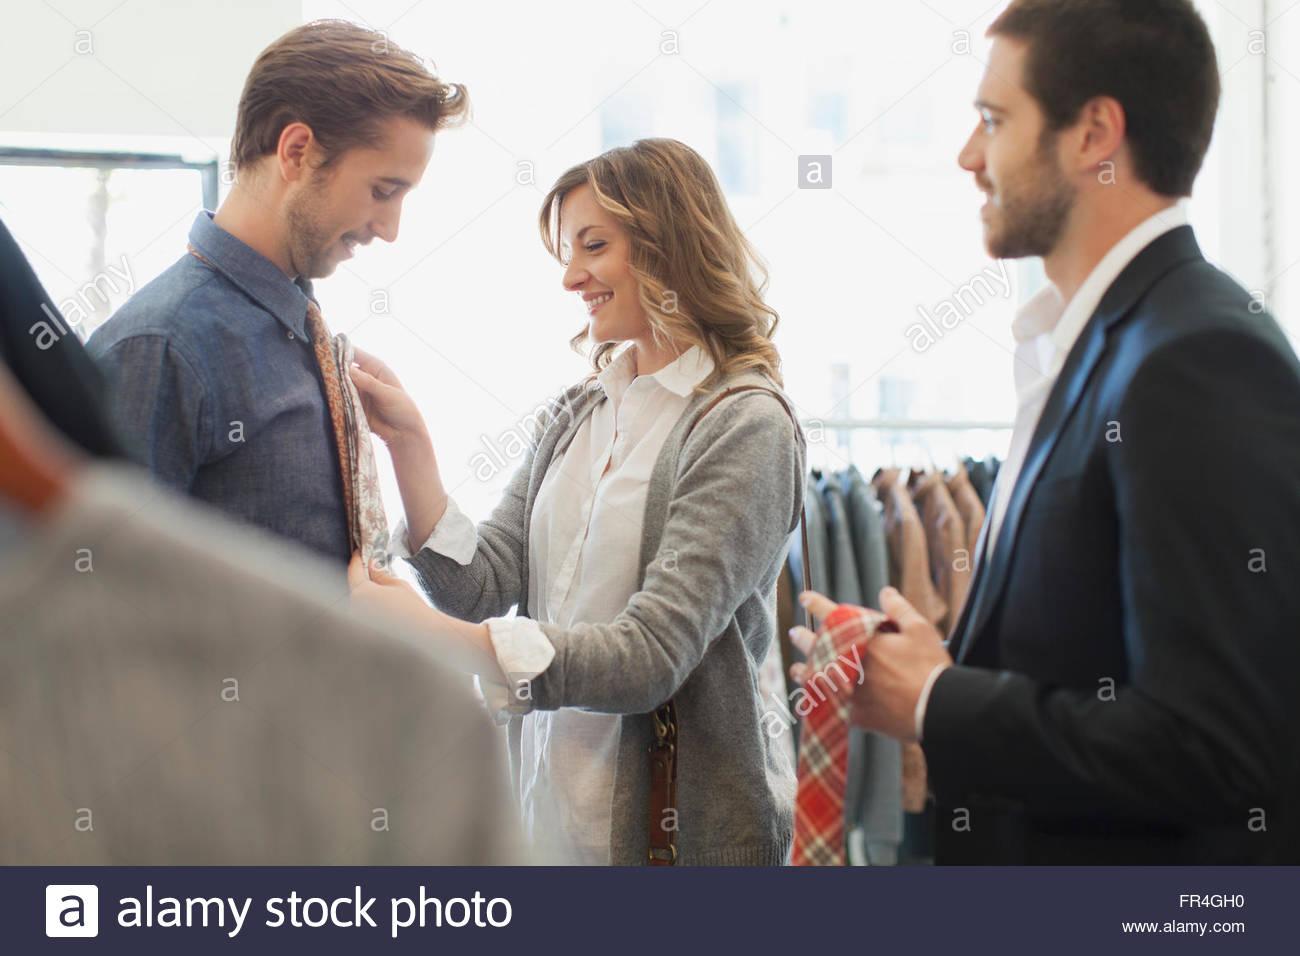 Addetto alle vendite offrendo opzioni di cravatta al giovane. Immagini Stock